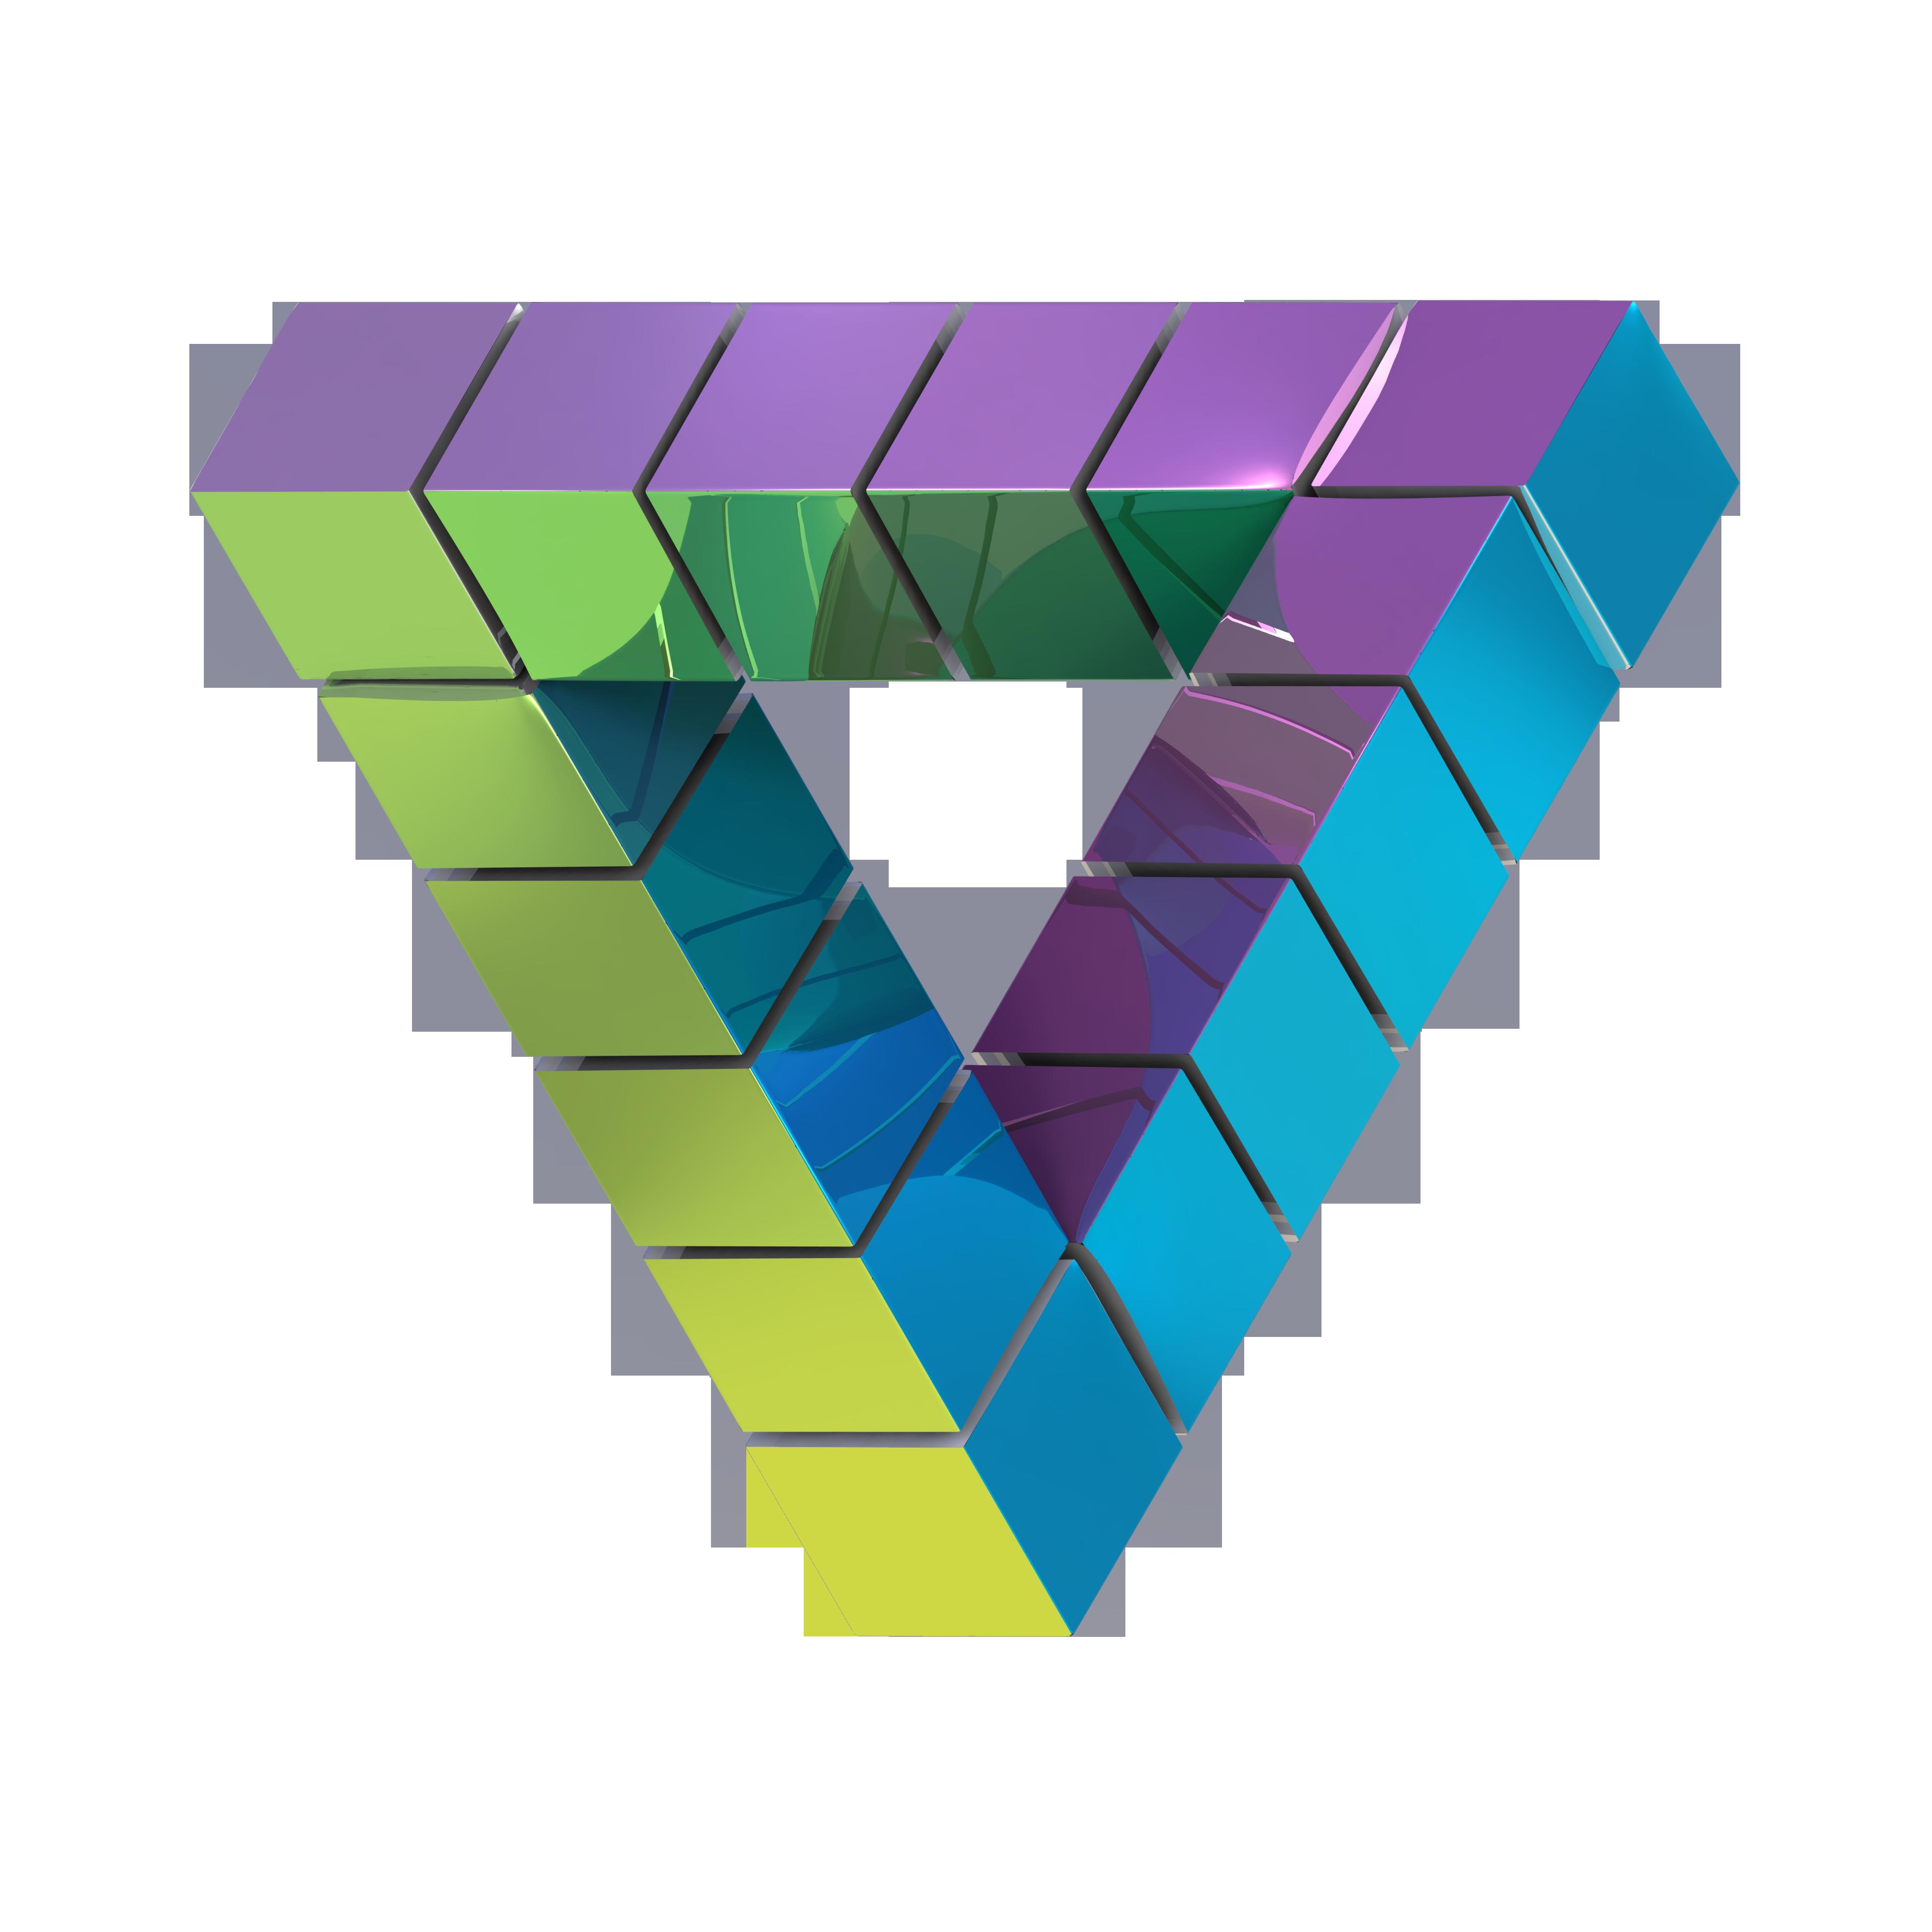 Моделирование невозможного треугольника( для первостепенной задачи визуализации и создания слайдов под меню сайта)